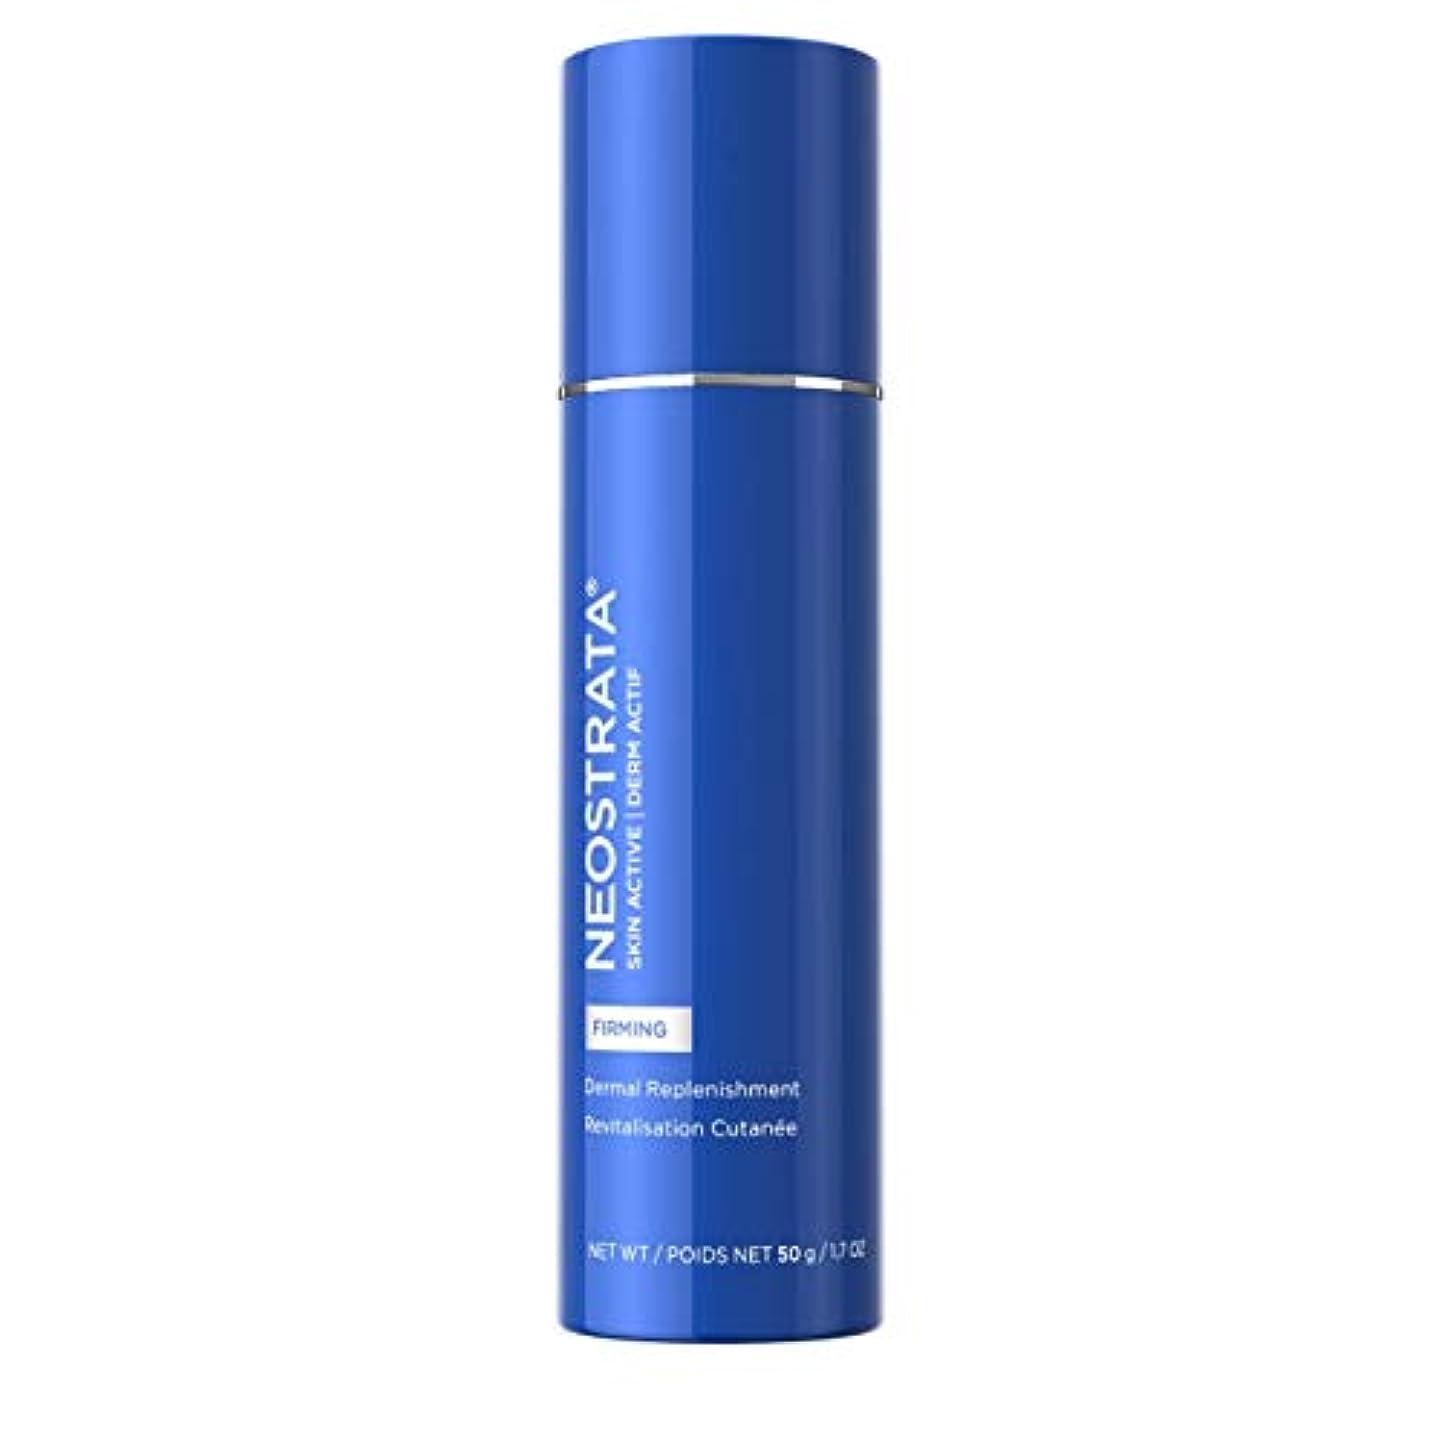 意外皮肉な鋼ネオストラータ Skin Active Derm Actif Firming - Dermal Replenishment Natural Moisturizing Factor Concentrate 50g/0.17oz...